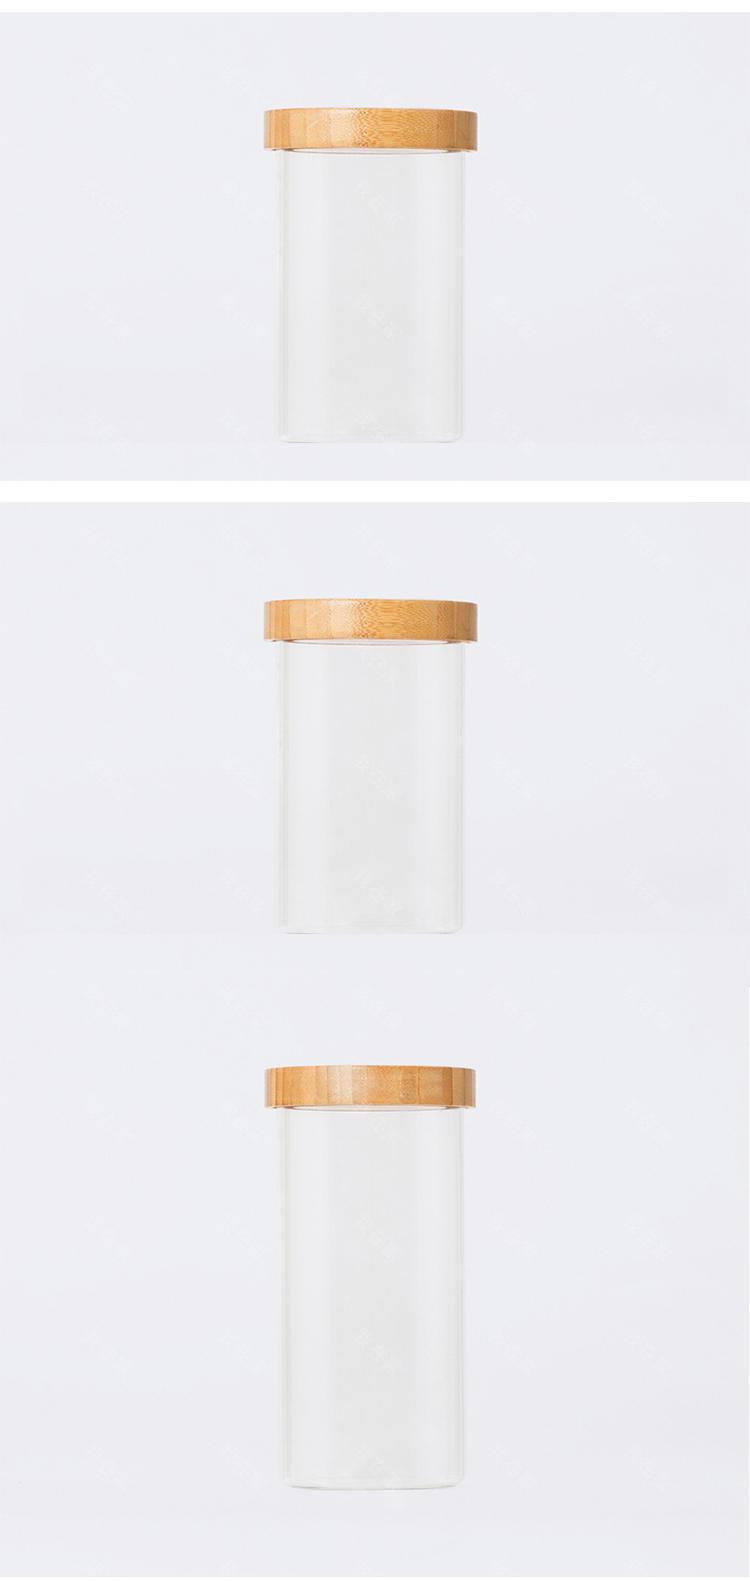 橙舍品牌玻璃收纳罐密封罐的详细介绍